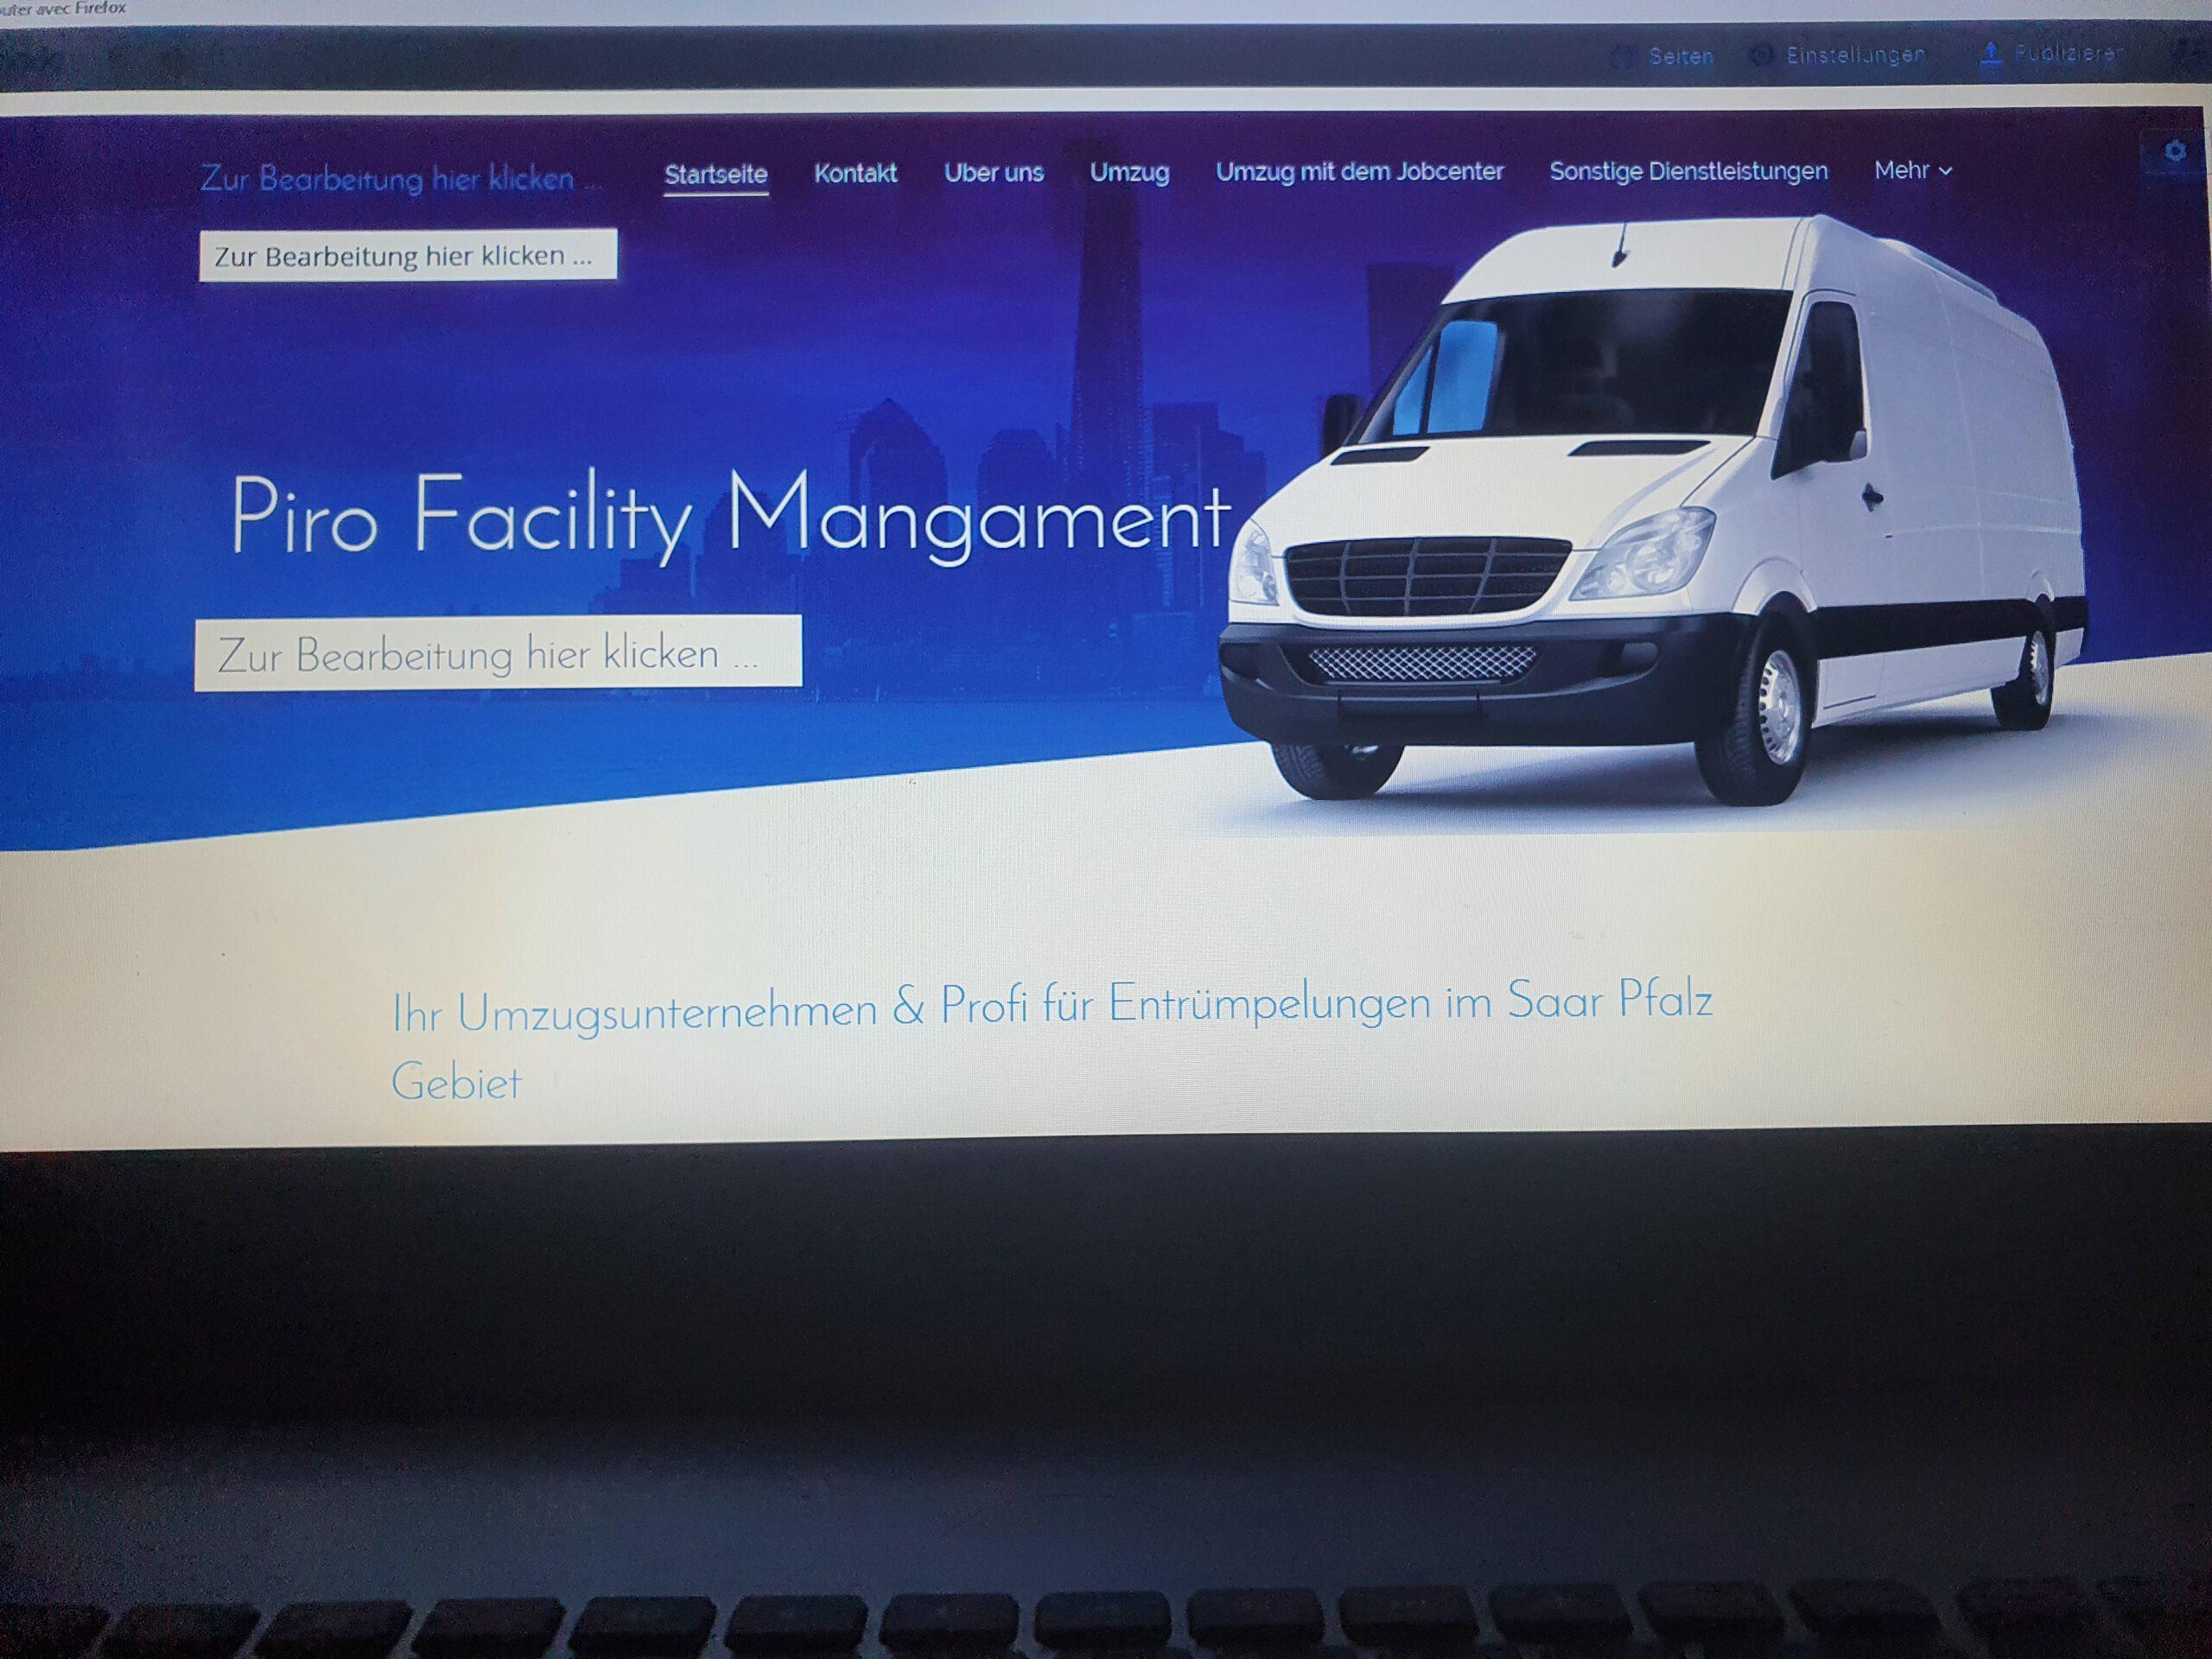 Piro Facility Management